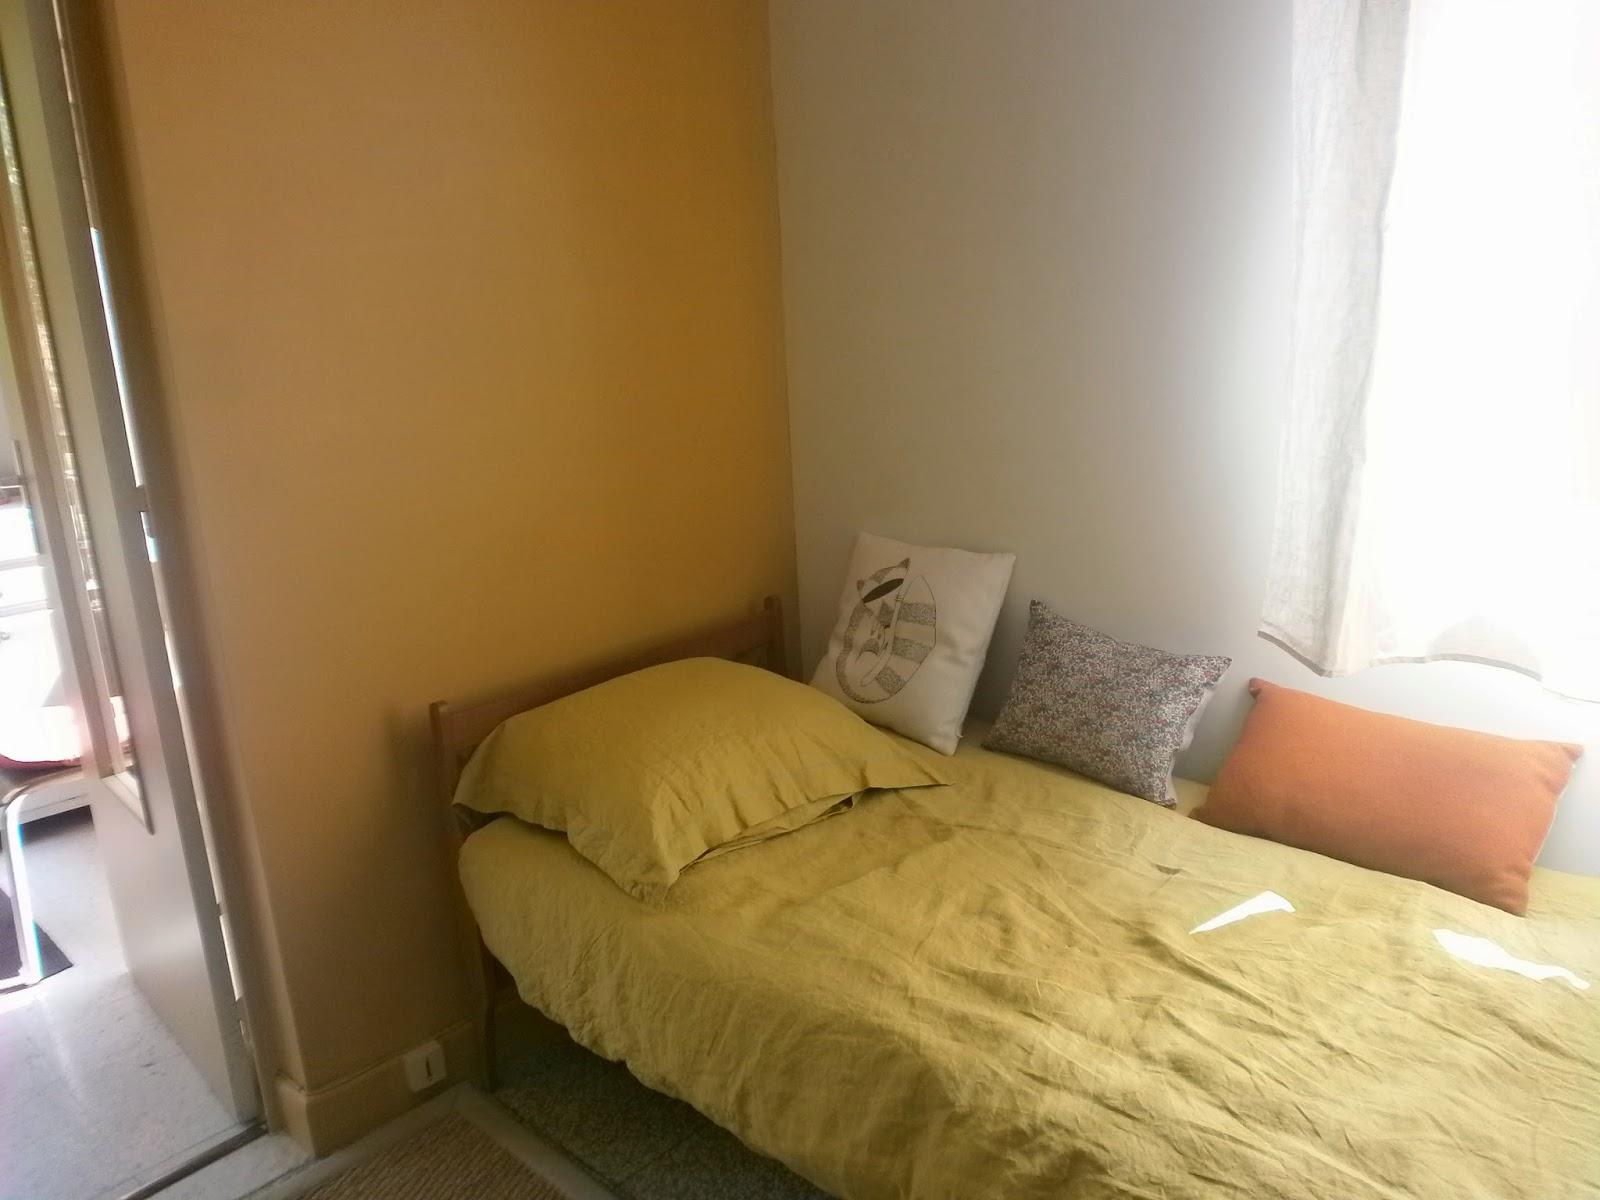 Gris souris une jolie chambre - Chambre gris souris ...